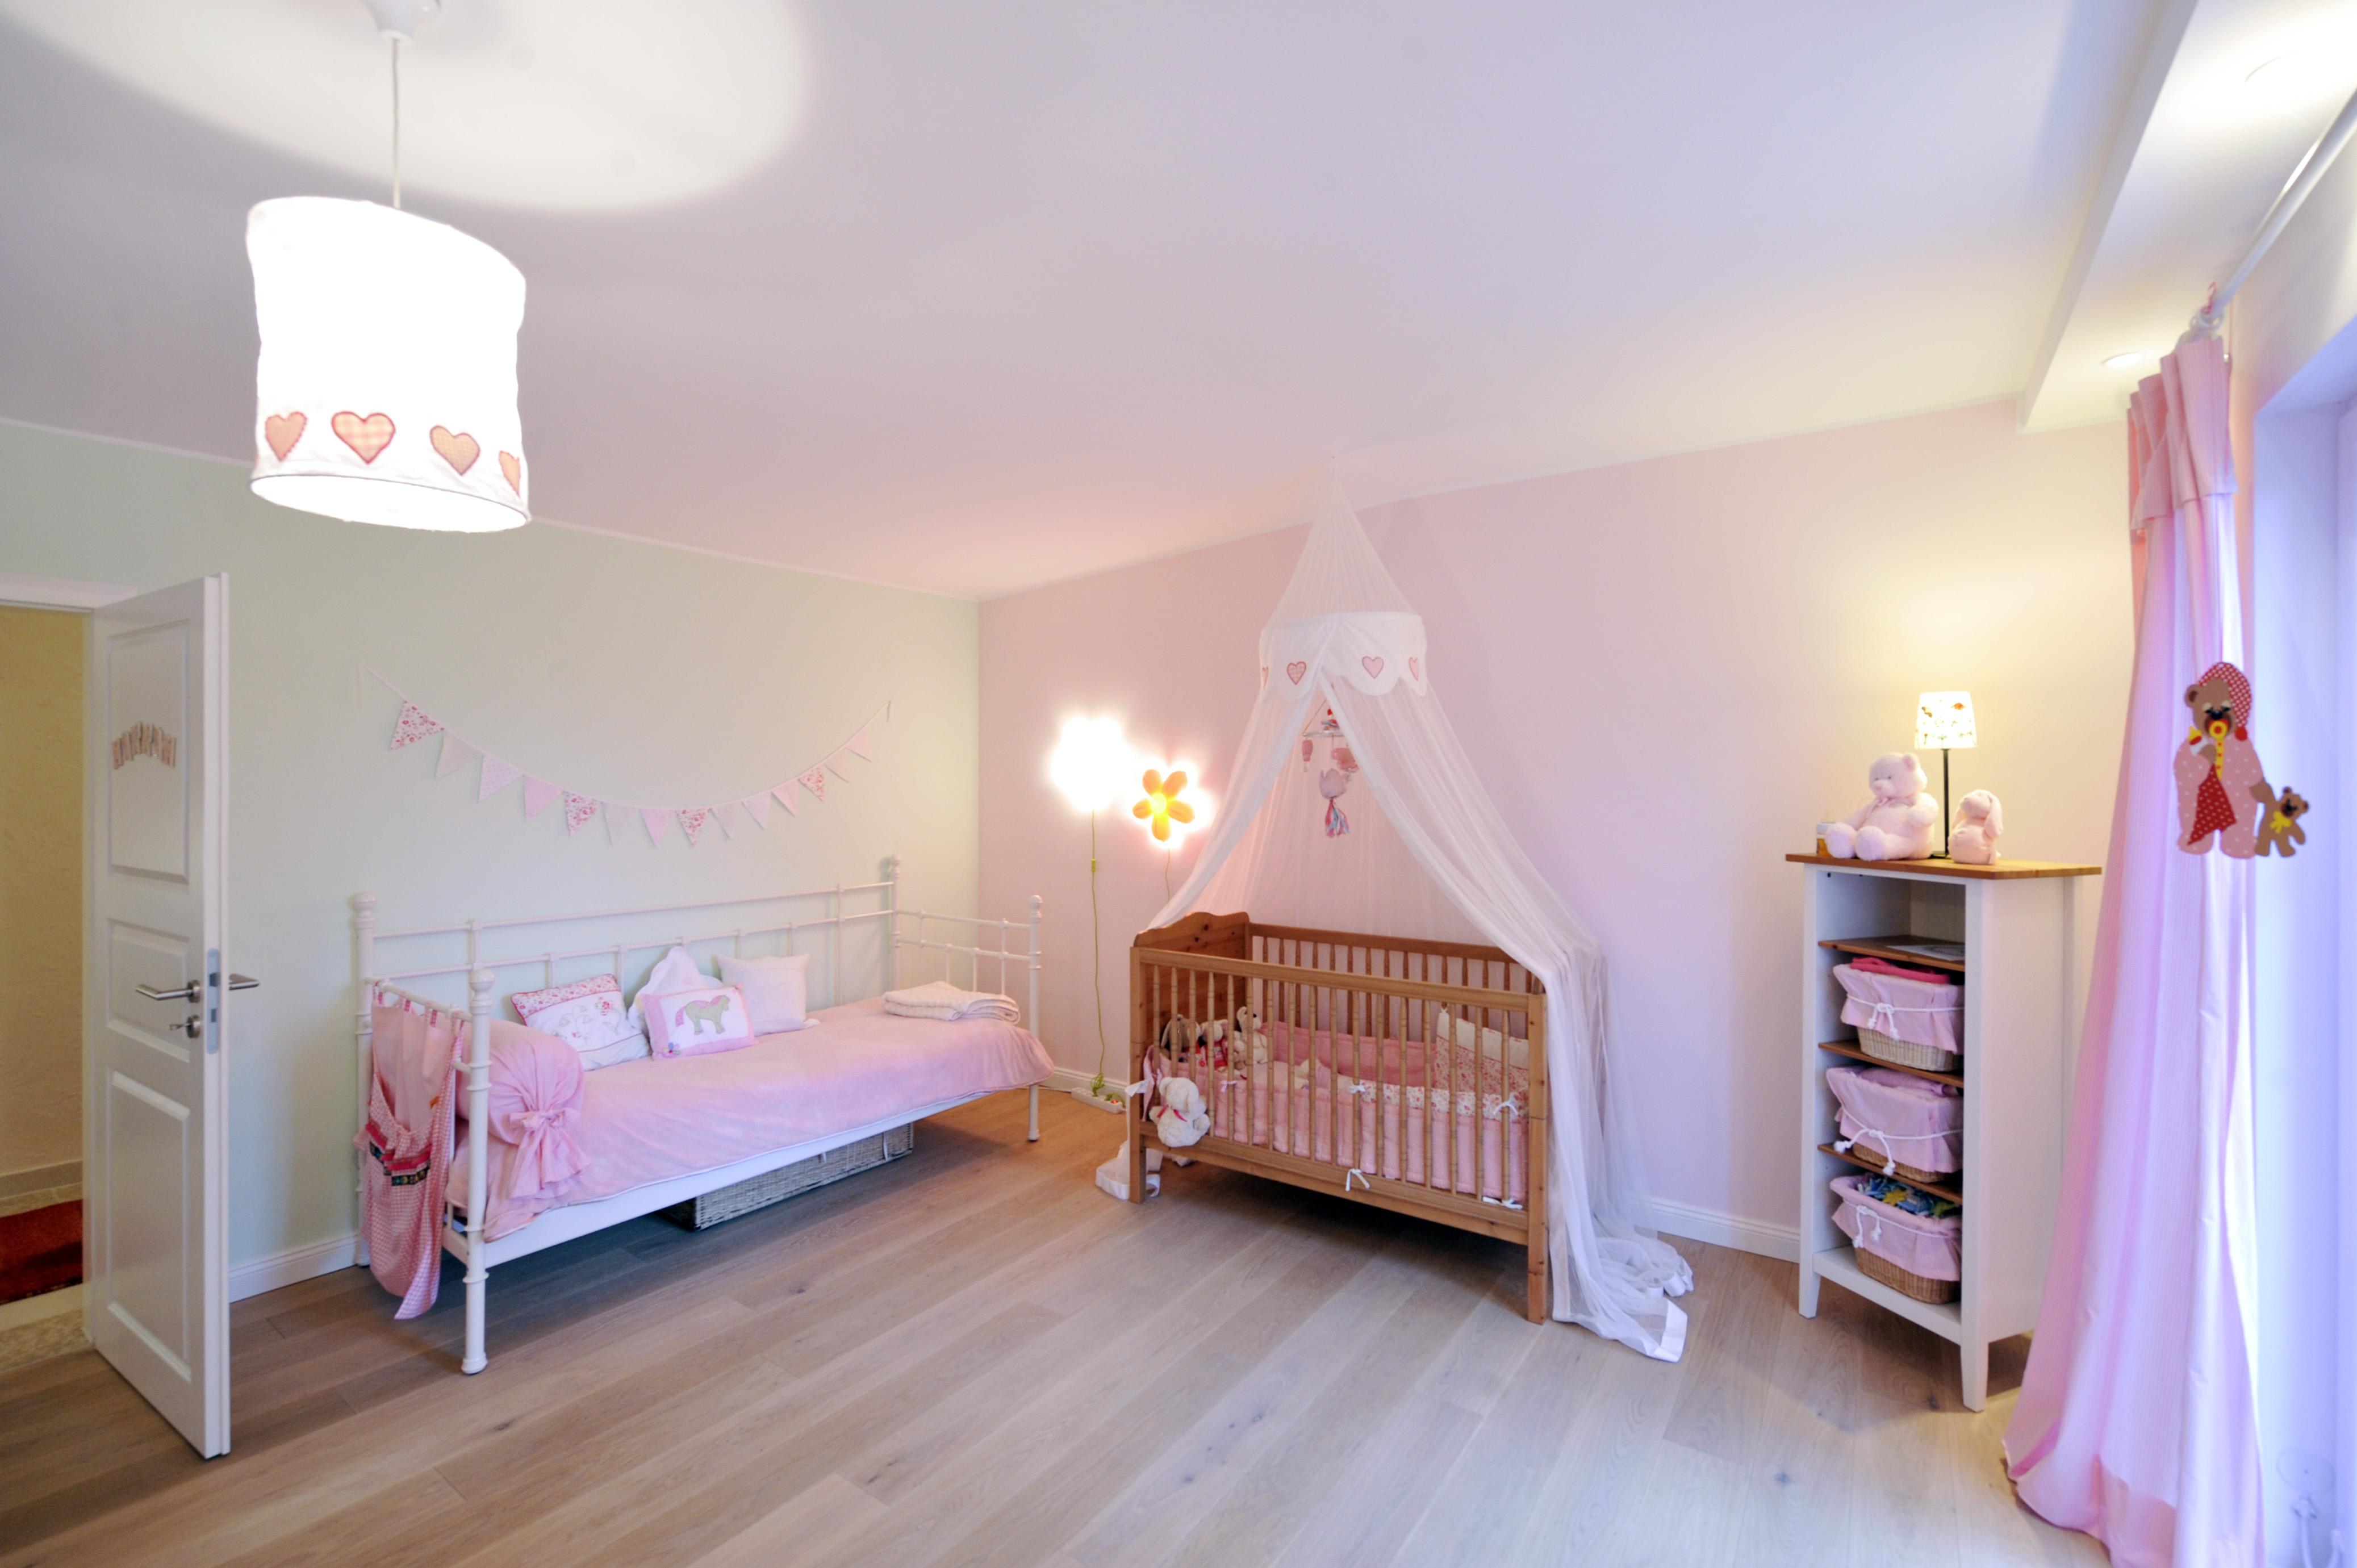 Kinderzimmer als Rückzugsort | Raumkonzepte in der Praxis